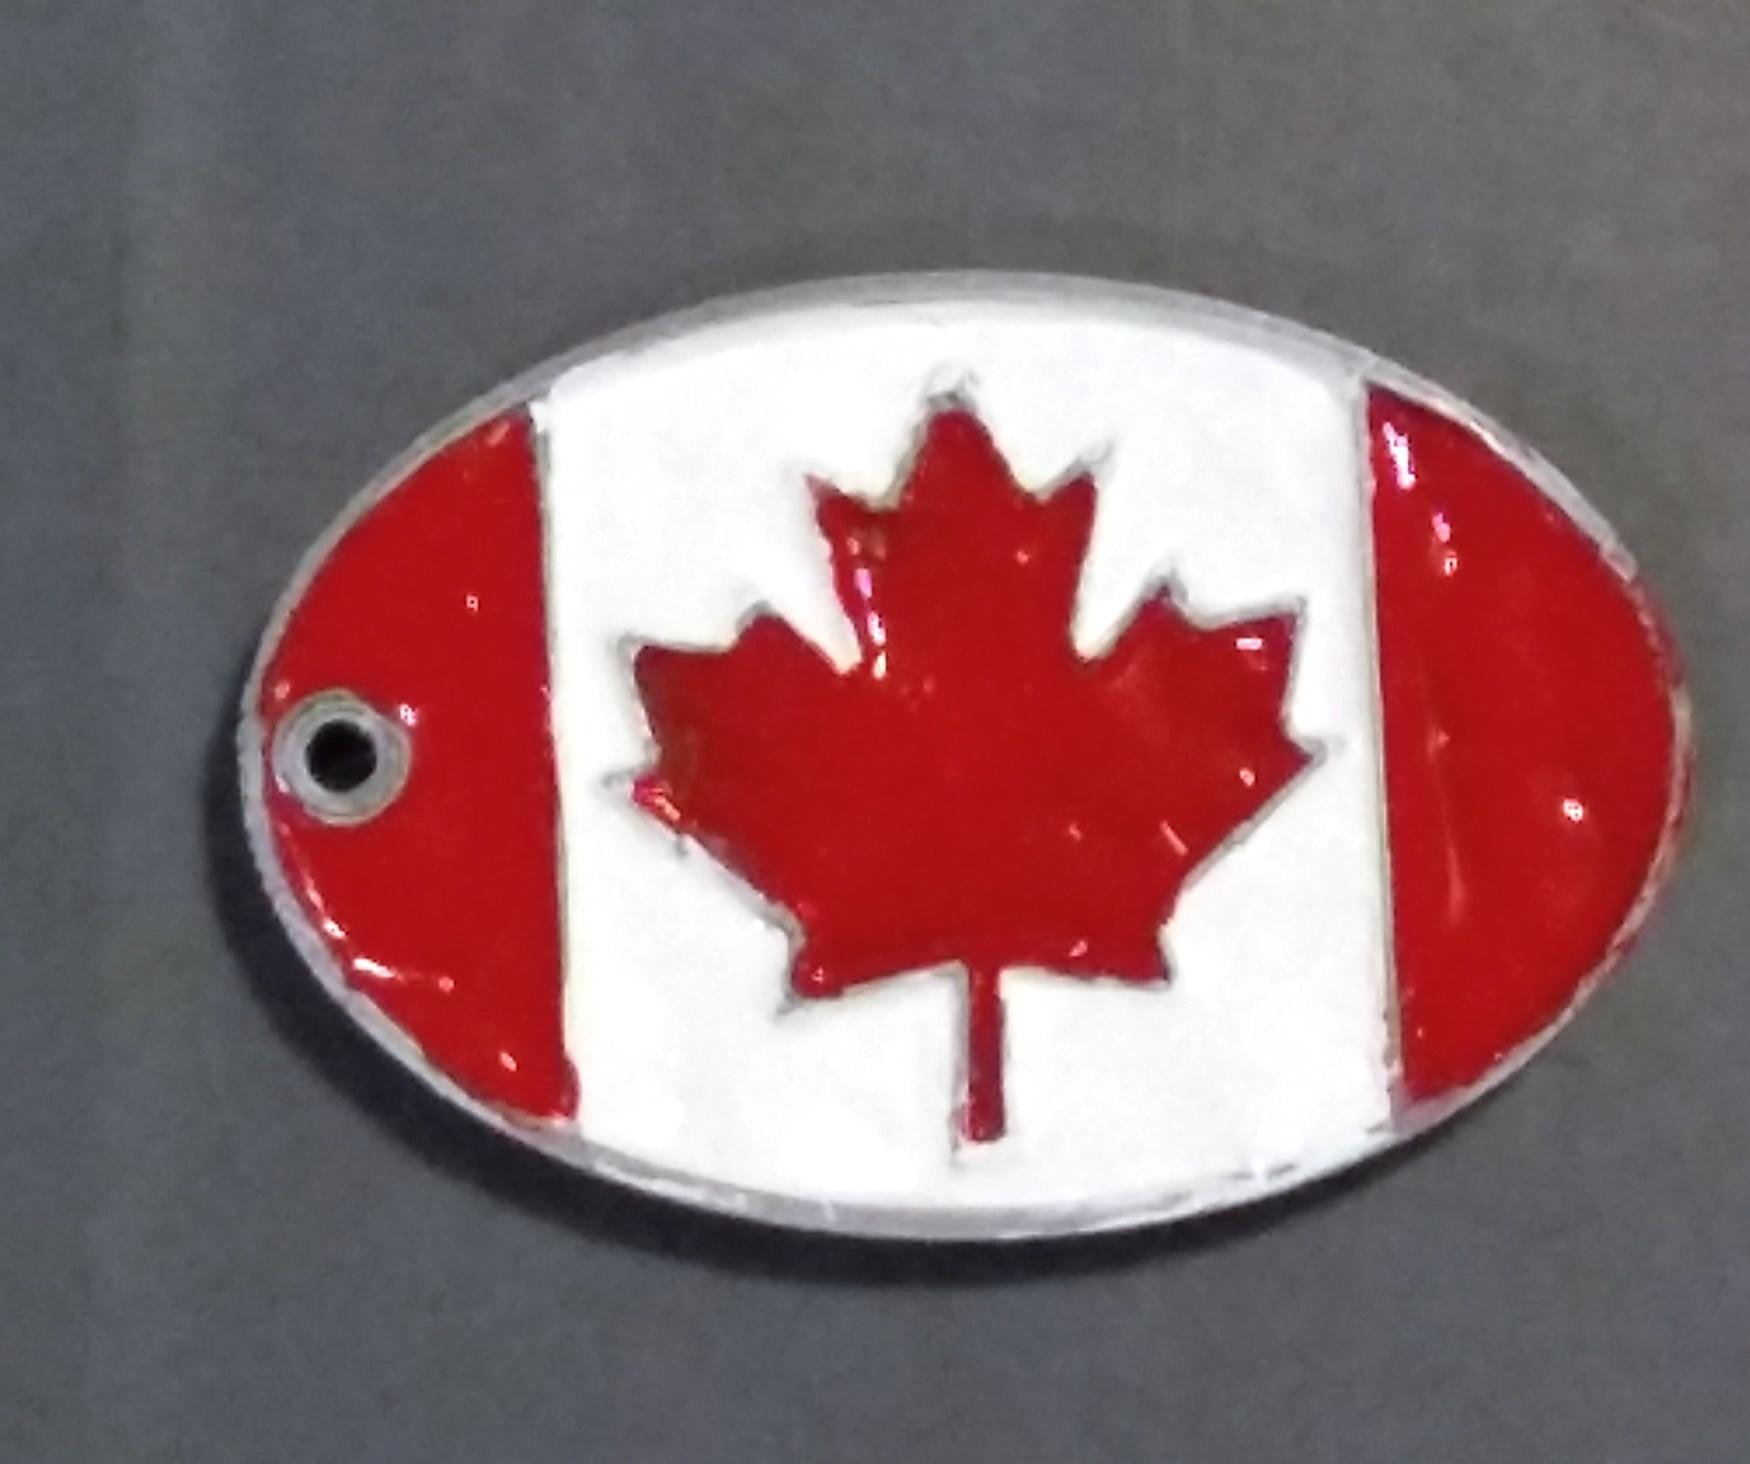 laguage_tag_Canada2.jpg Télécharger fichier STL gratuit Étiquette de bagage Canada • Plan pour imprimante 3D, cristcost